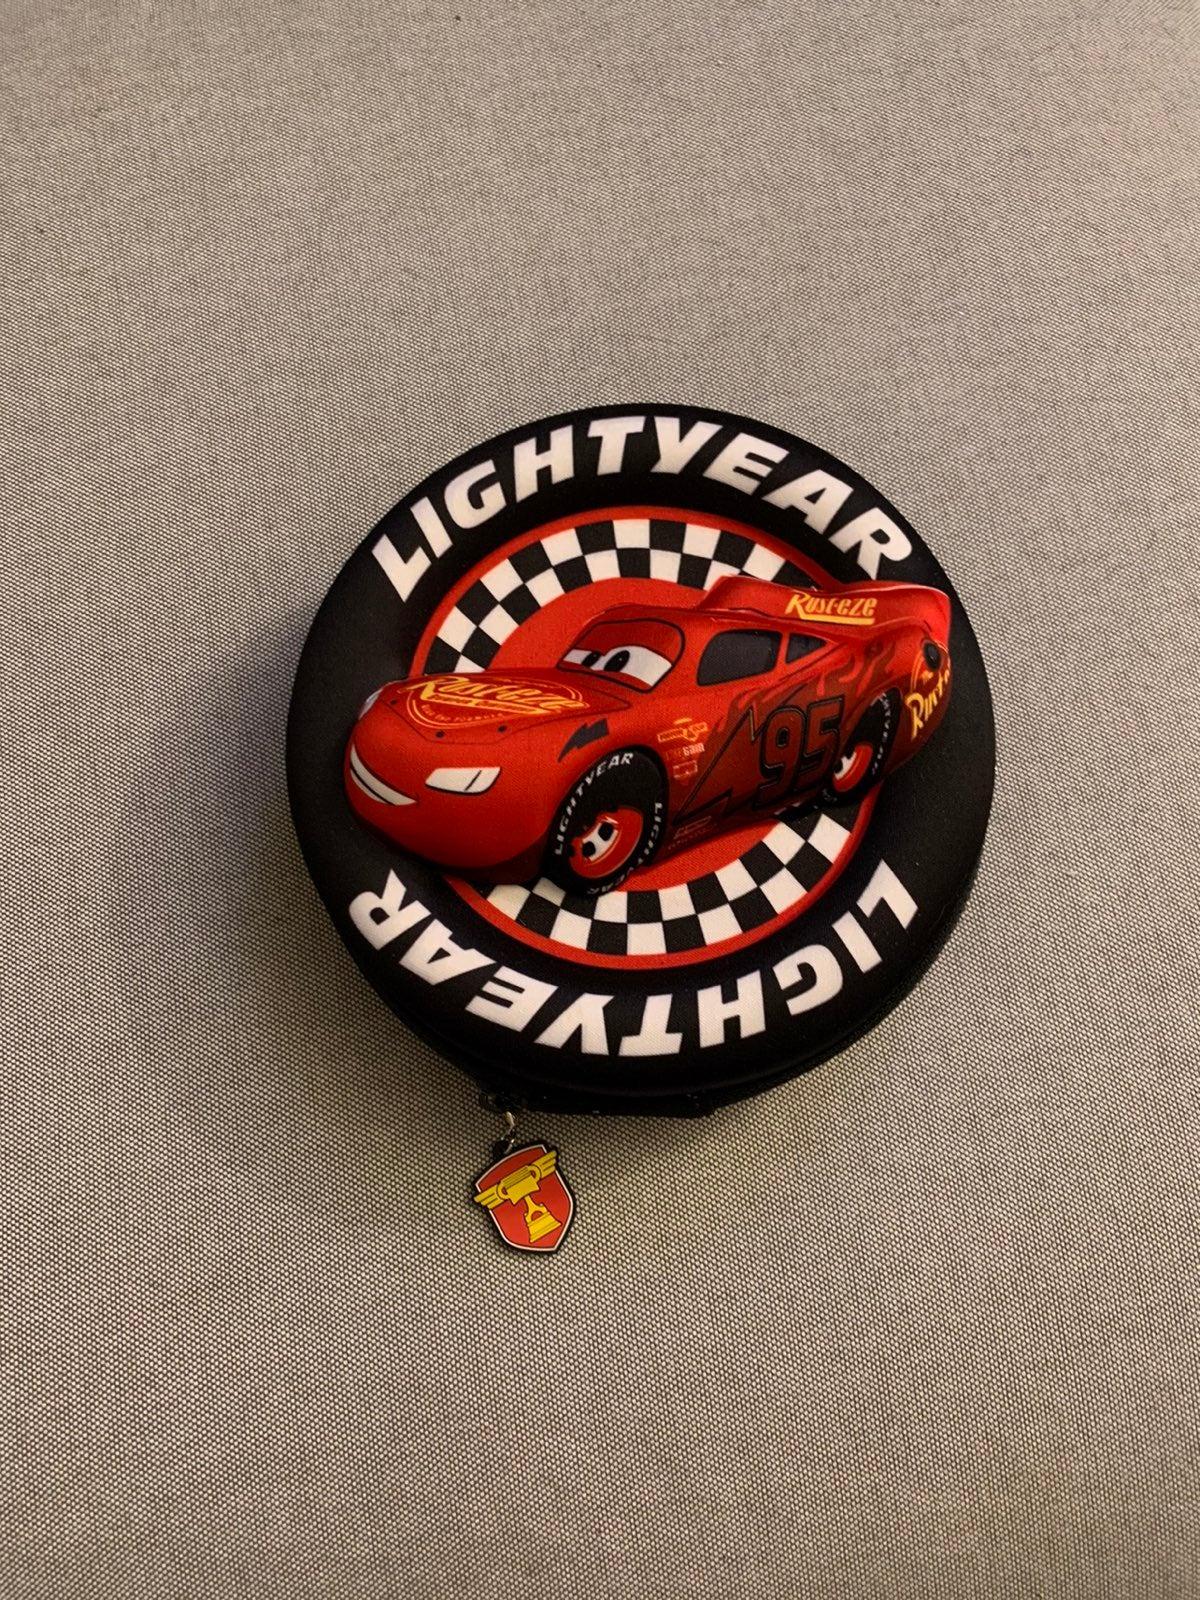 Lightning McQueen Stationary Set